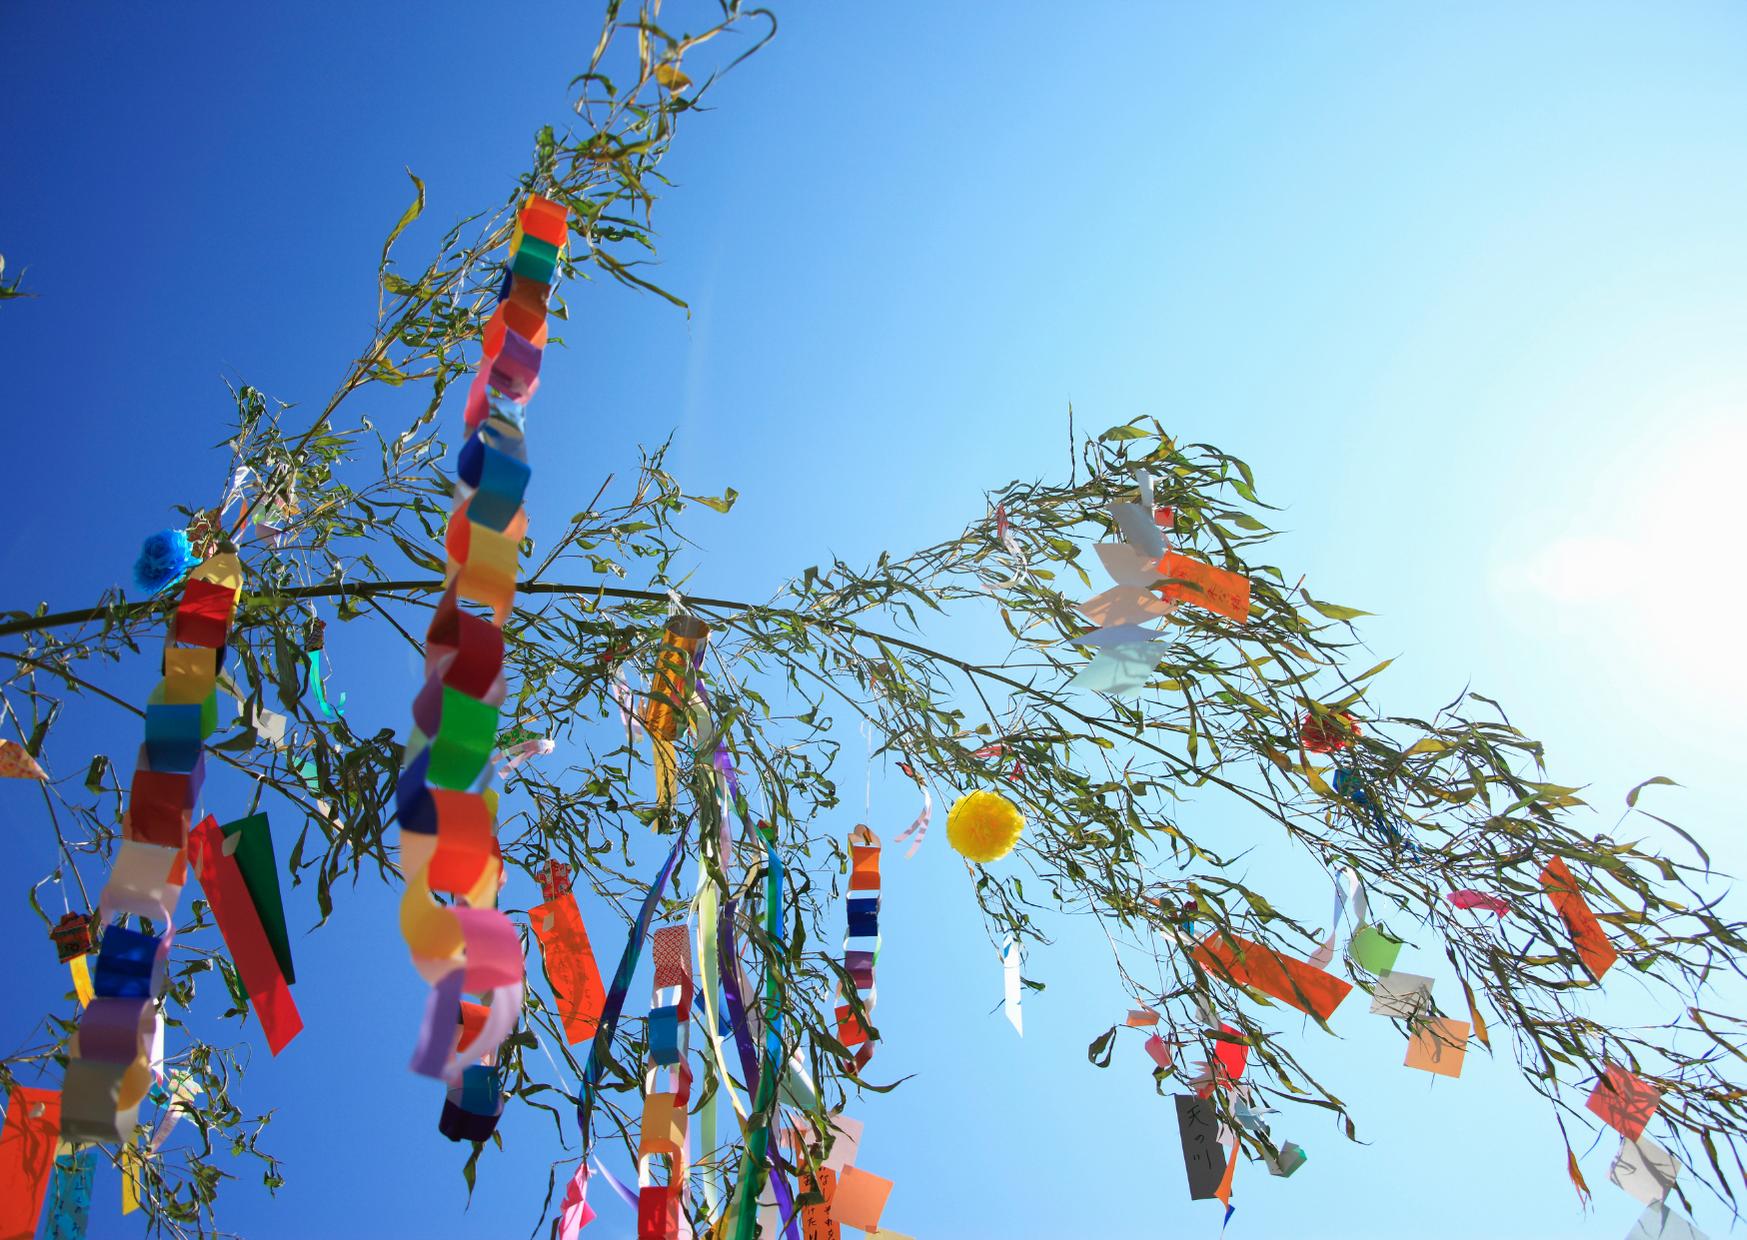 七夕の願いごと | クリスタルビューティー 広島 天然100%ヘナ 美と健康のエステ